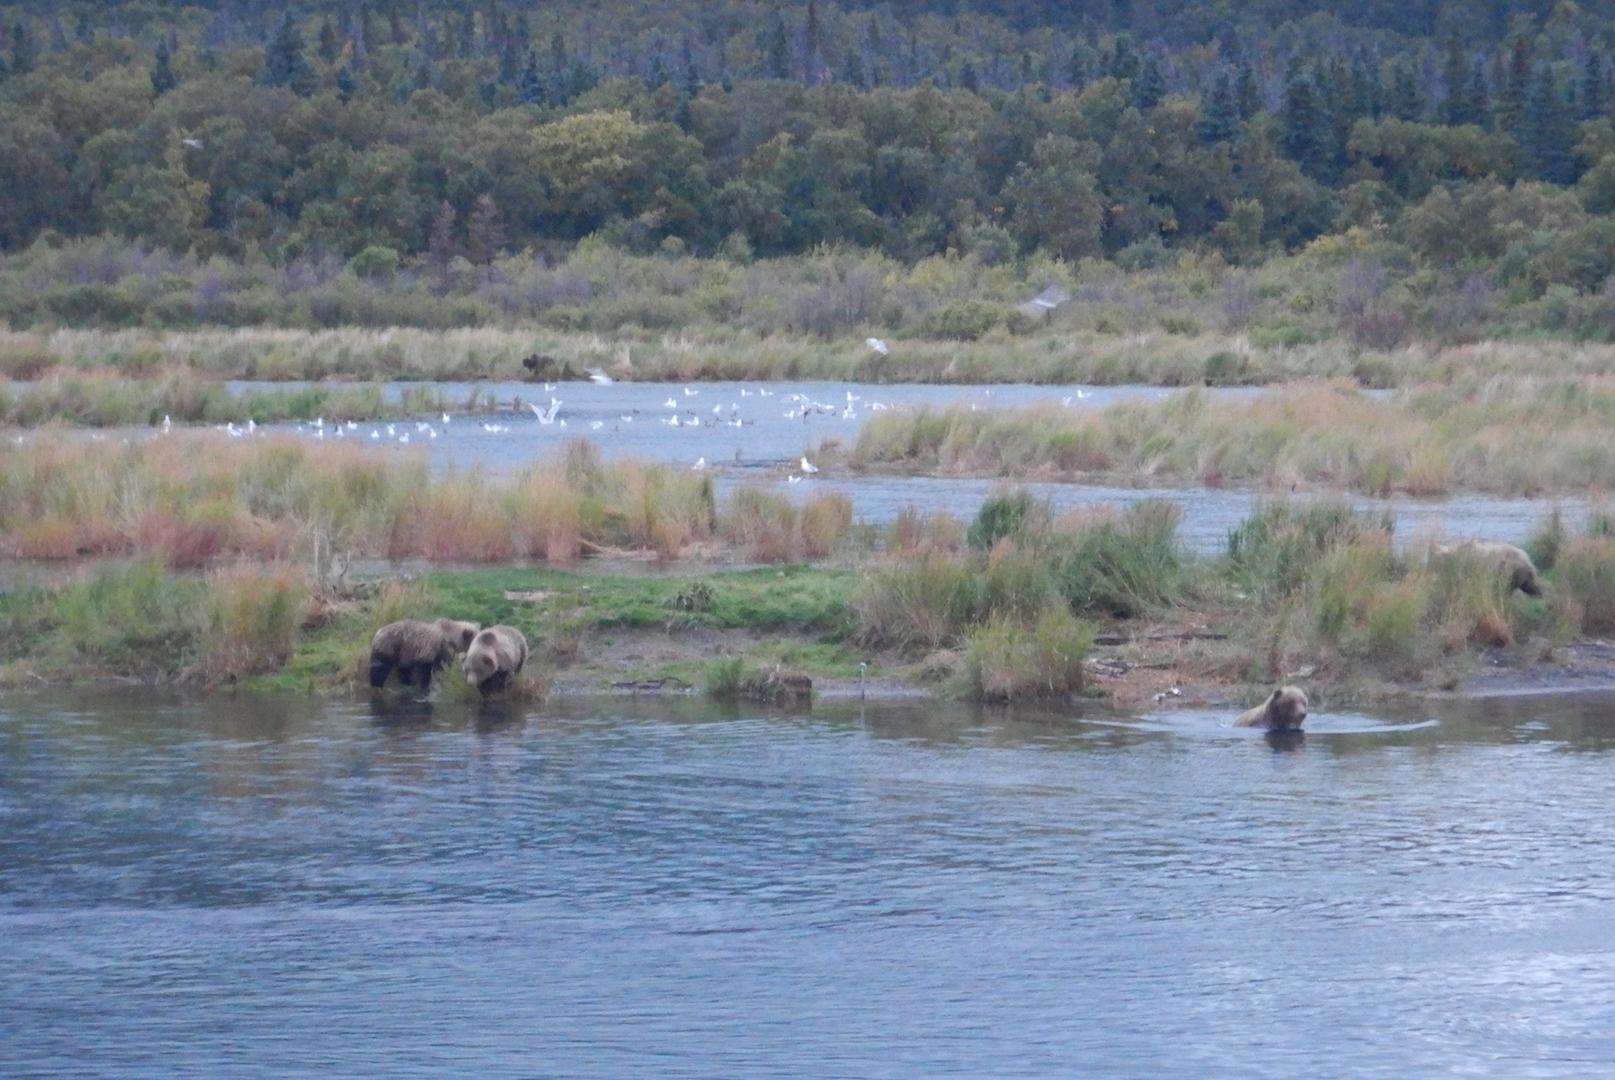 bears in water near grassy marsh